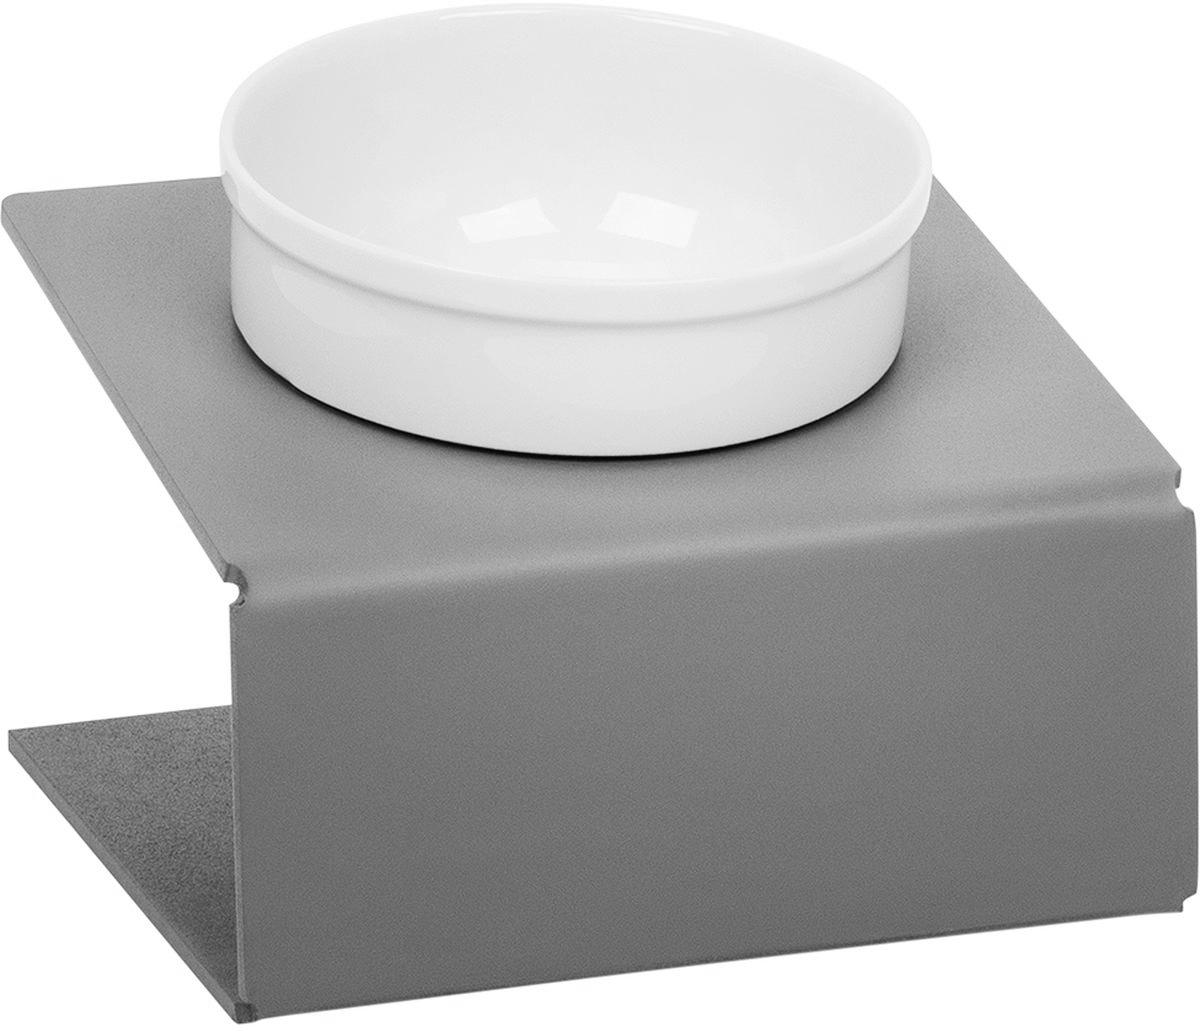 Миска для животныx  Artmiska , одинарная, на подставке, цвет: серый, 350 мл - Аксессуары для кормления